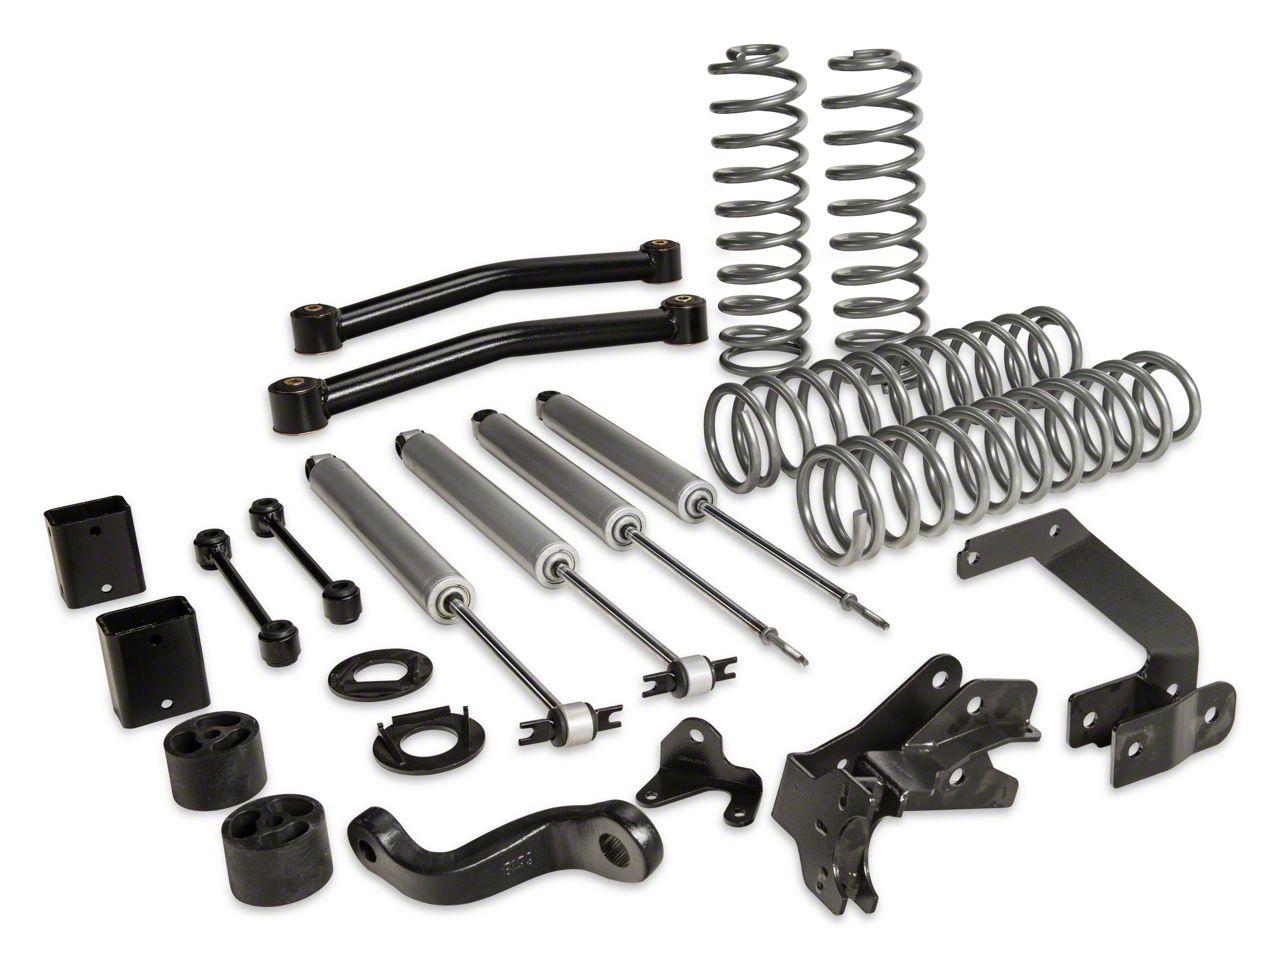 Rough Country 3.5 in. Series II Lift Kit w/ Shocks (07-18 Jeep Wrangler JK 4 Door)